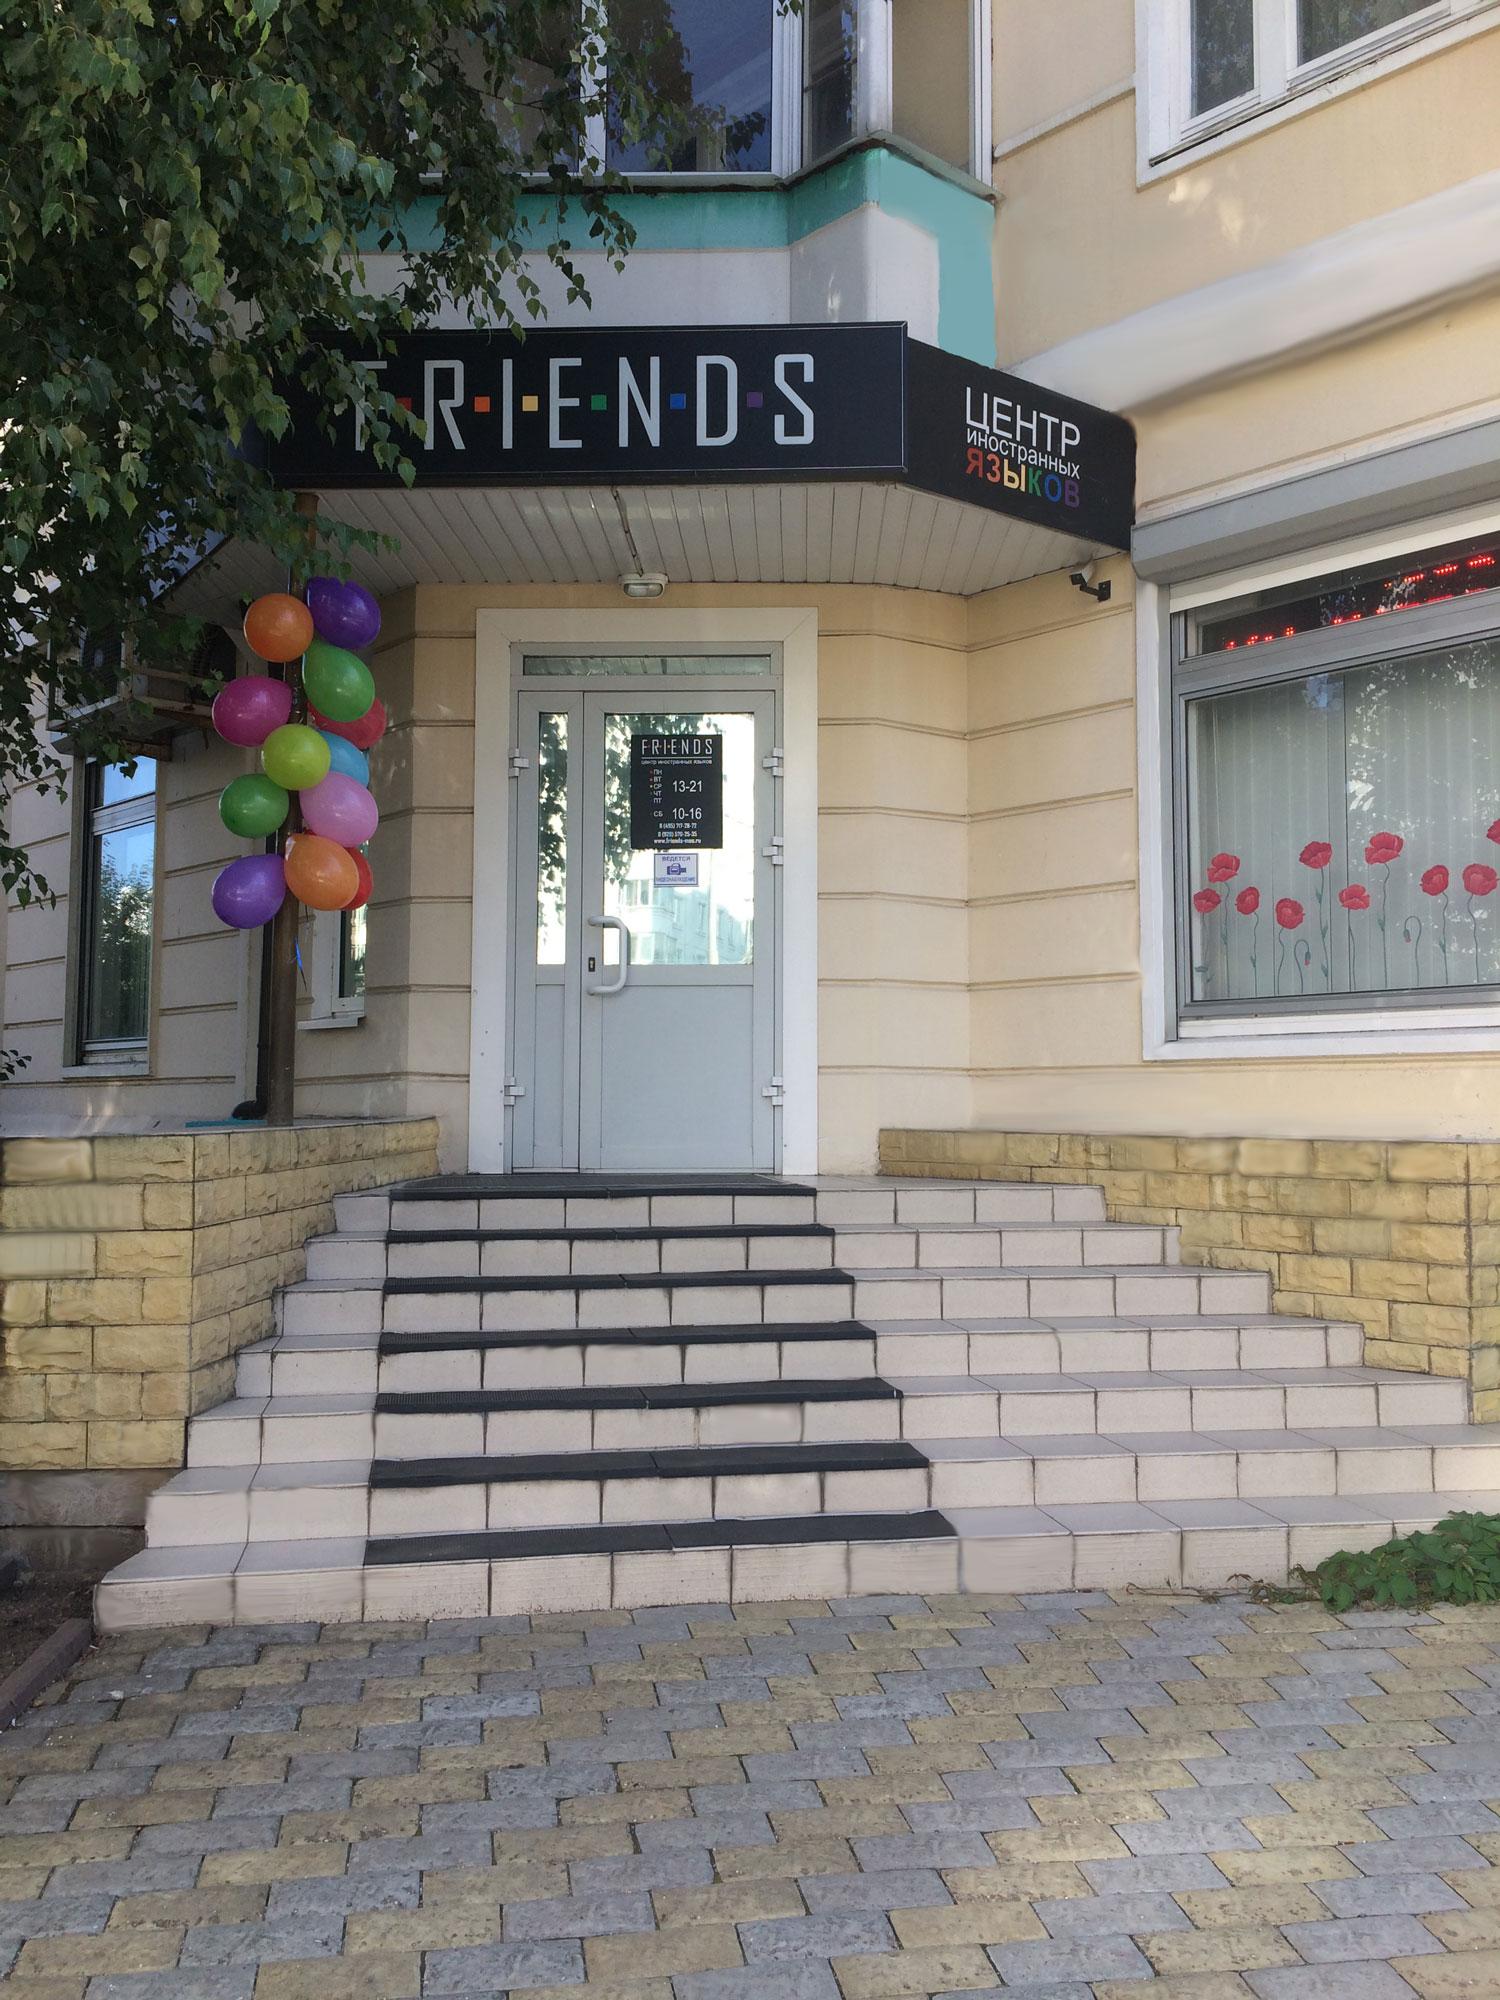 Контакты центра иностранных языков FRIENDS